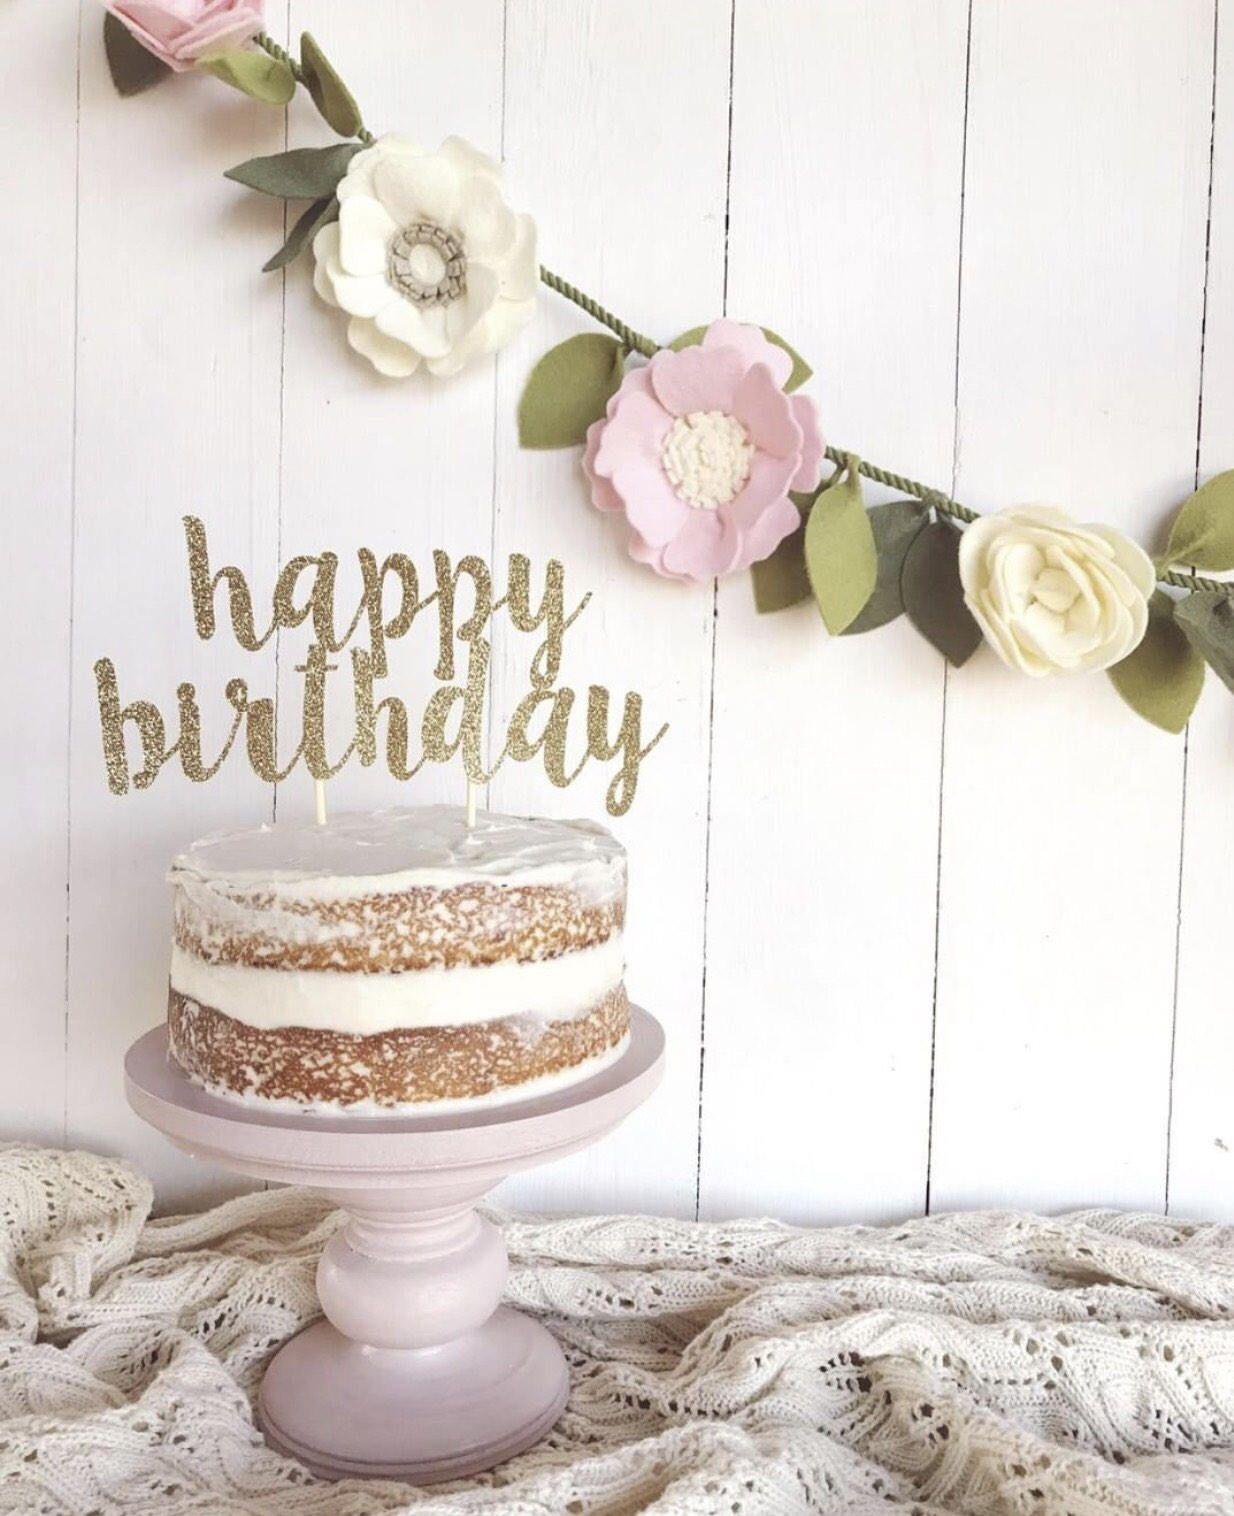 Happy Birthday Cake Topper by GlitterPartyCo on Etsy